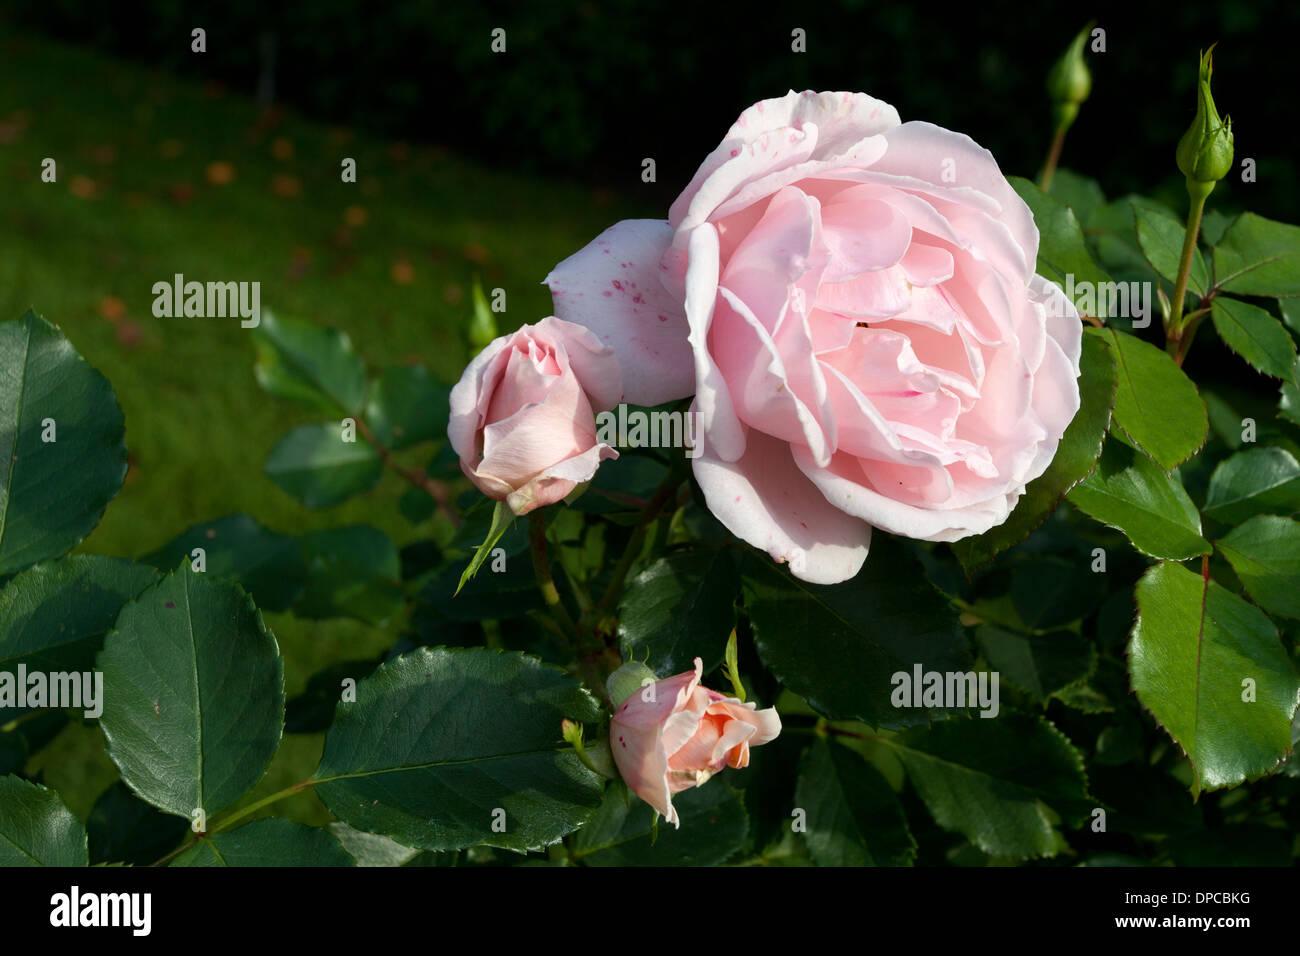 Tampere Arboretum: Rose - Stock Image